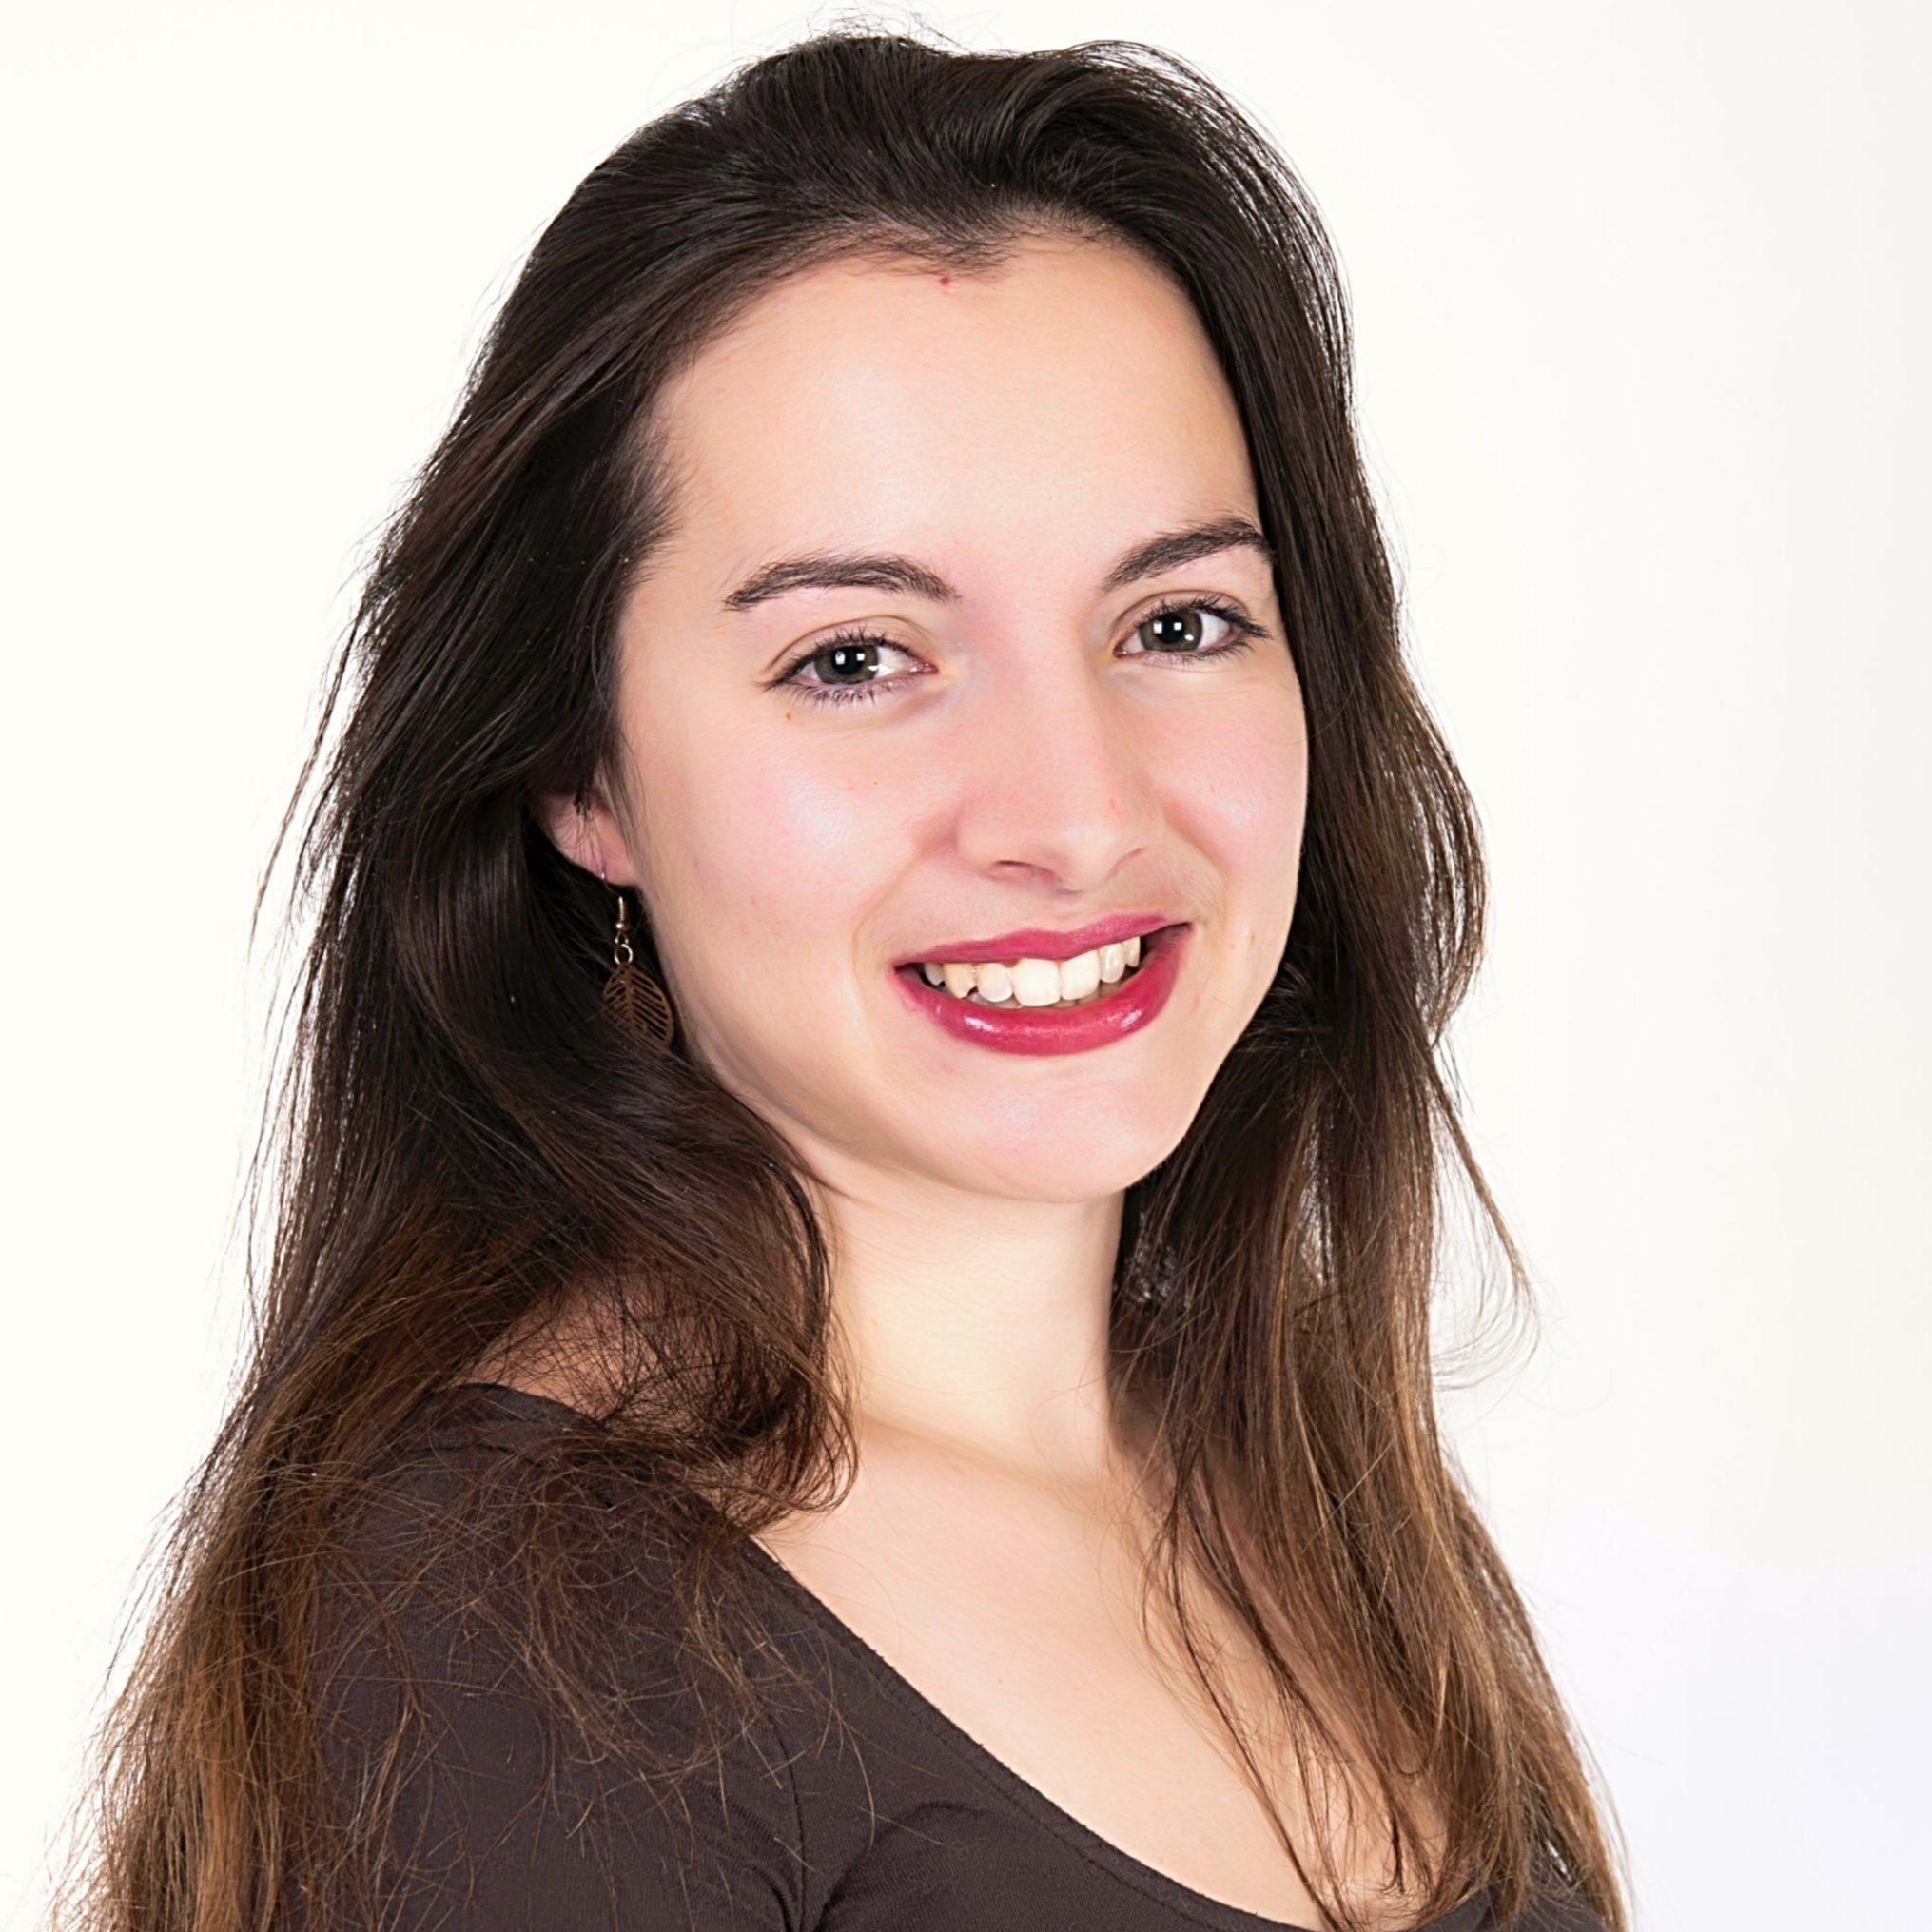 Sarah Antier